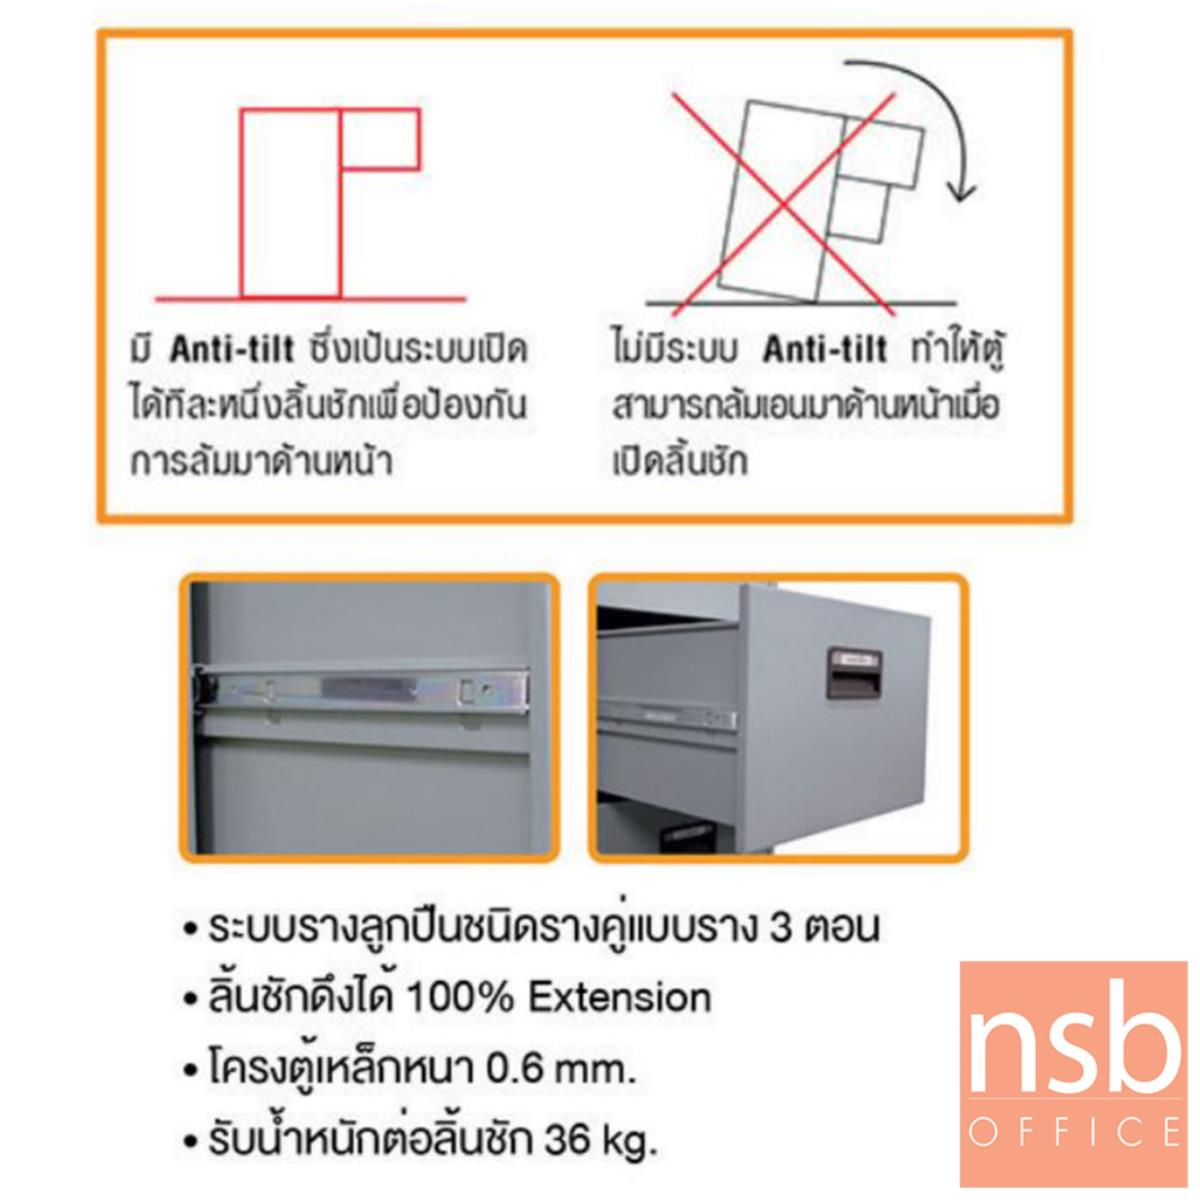 ตู้ลิ้นชักแฟ้มแขวน 2 ลิ้นชัก (มีระบบป้องกันทางล้ม Anti tilt) รุ่น FC-952